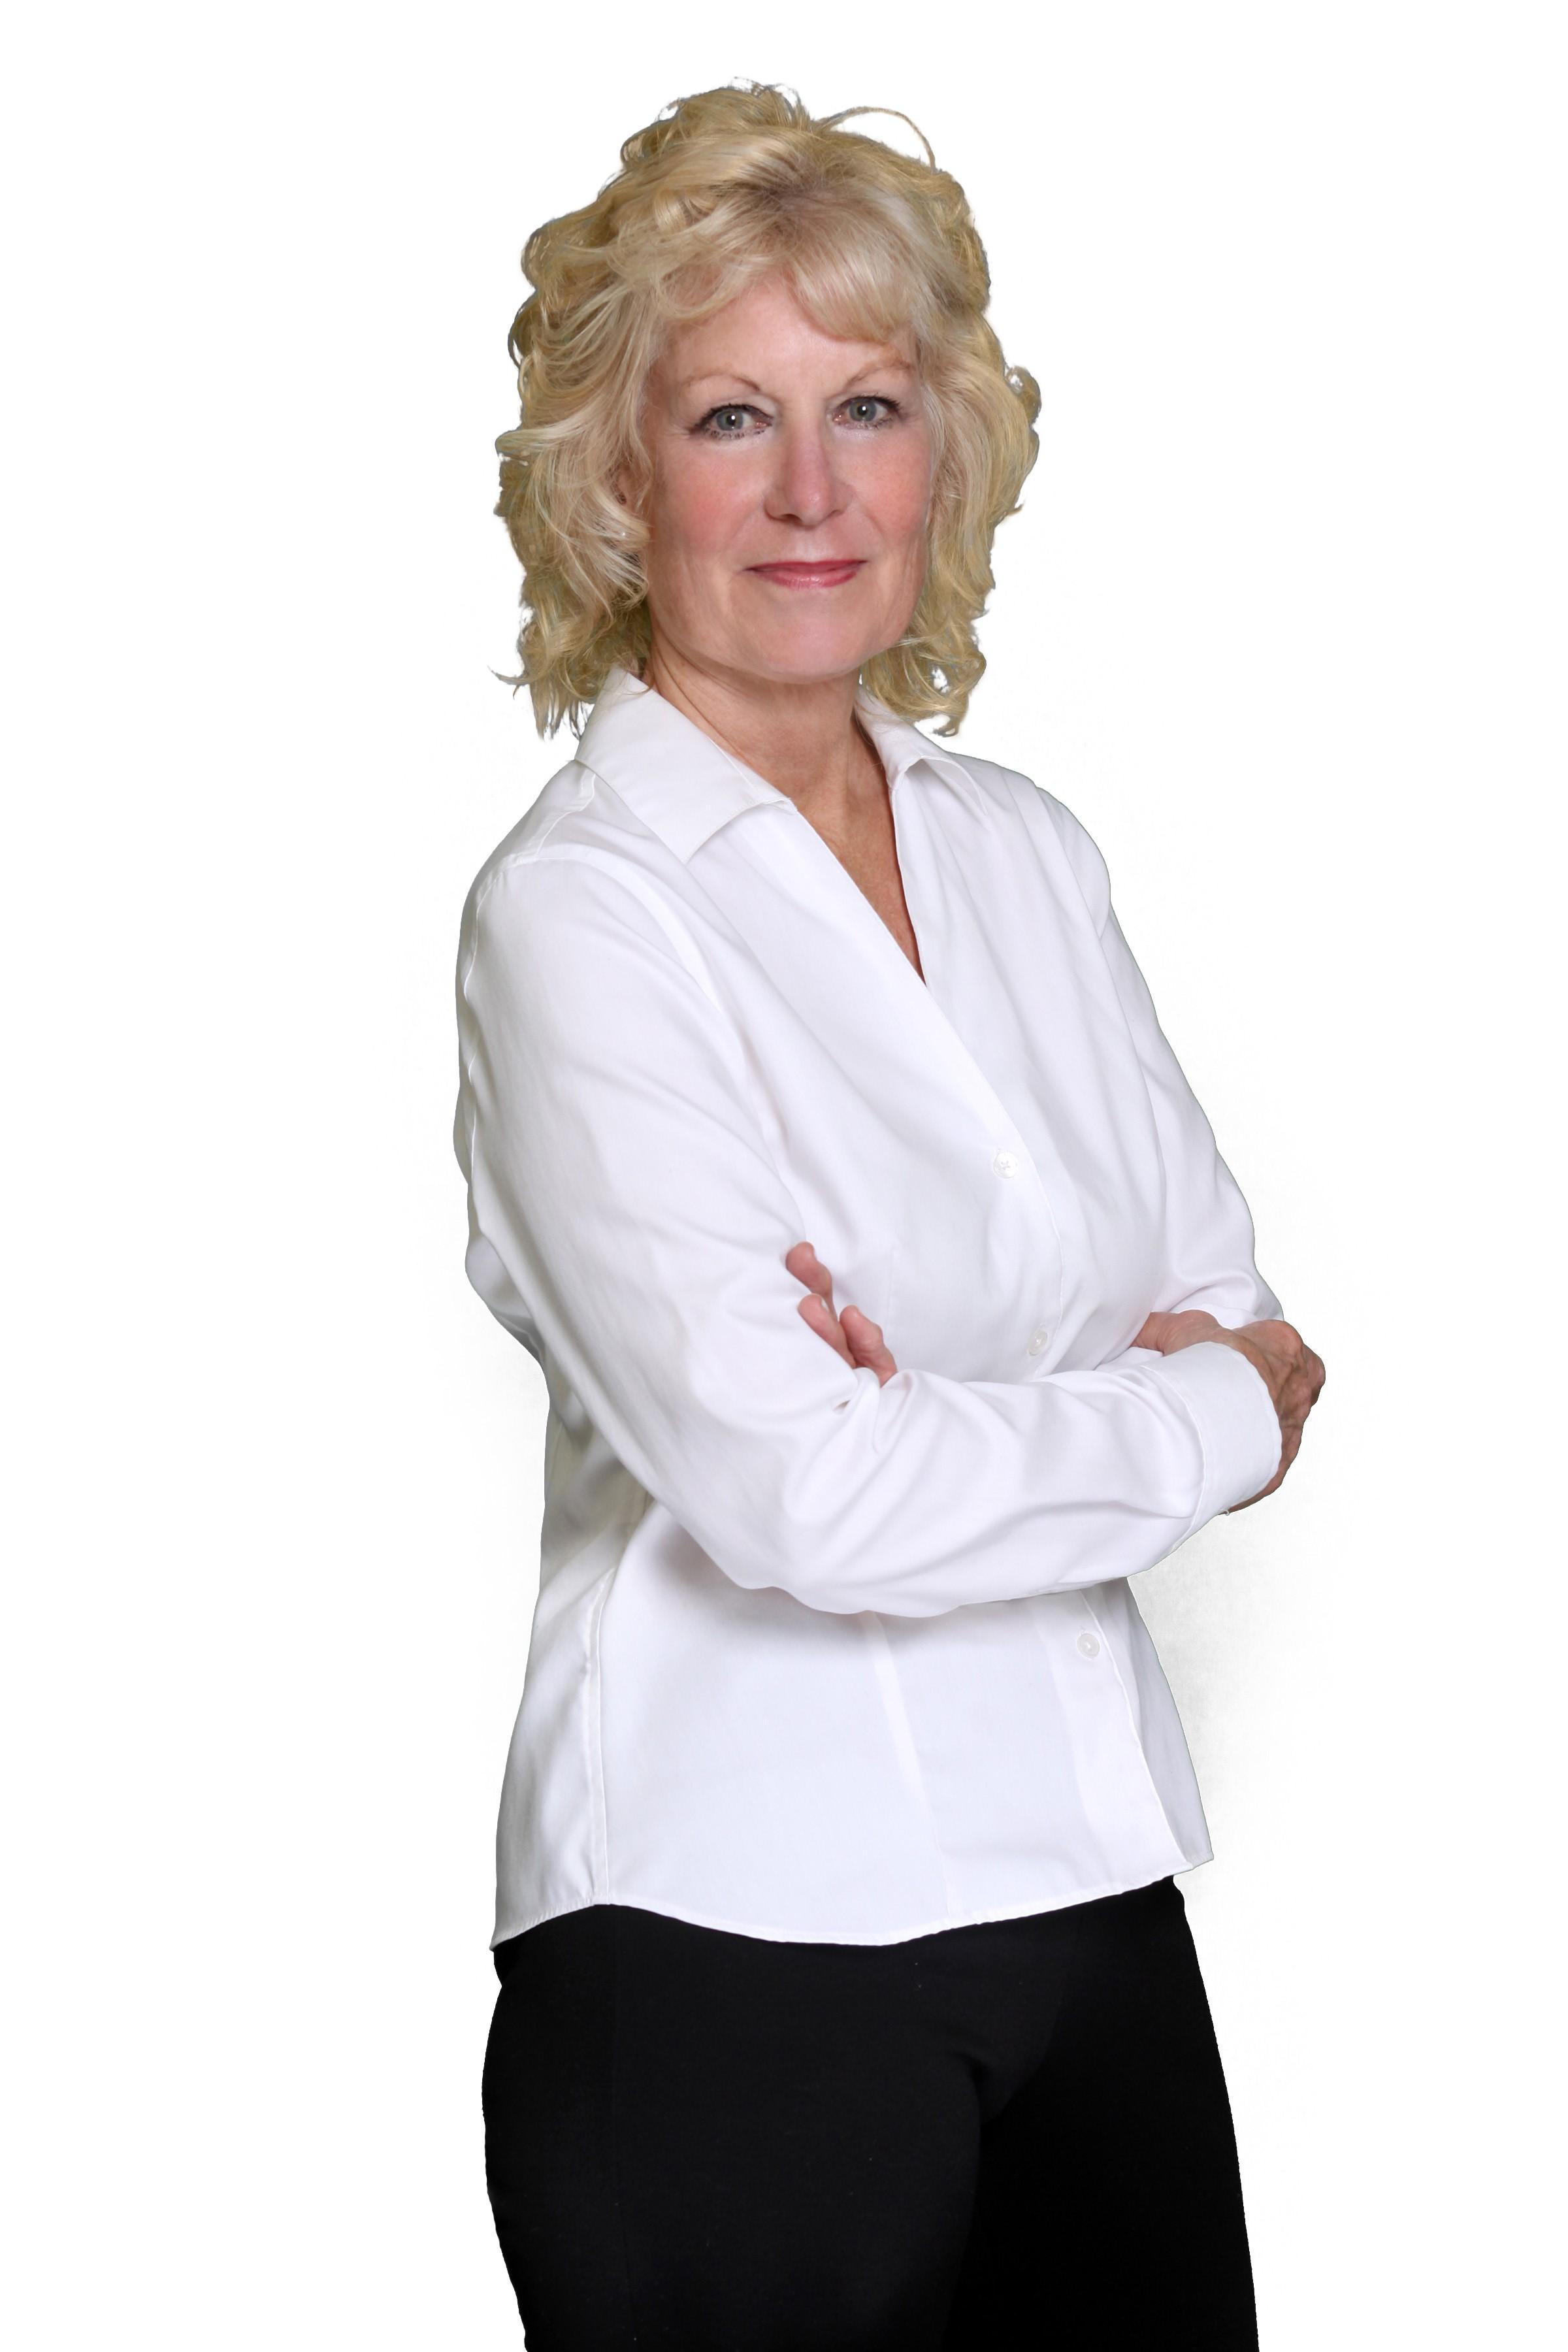 Melinda Bianchi